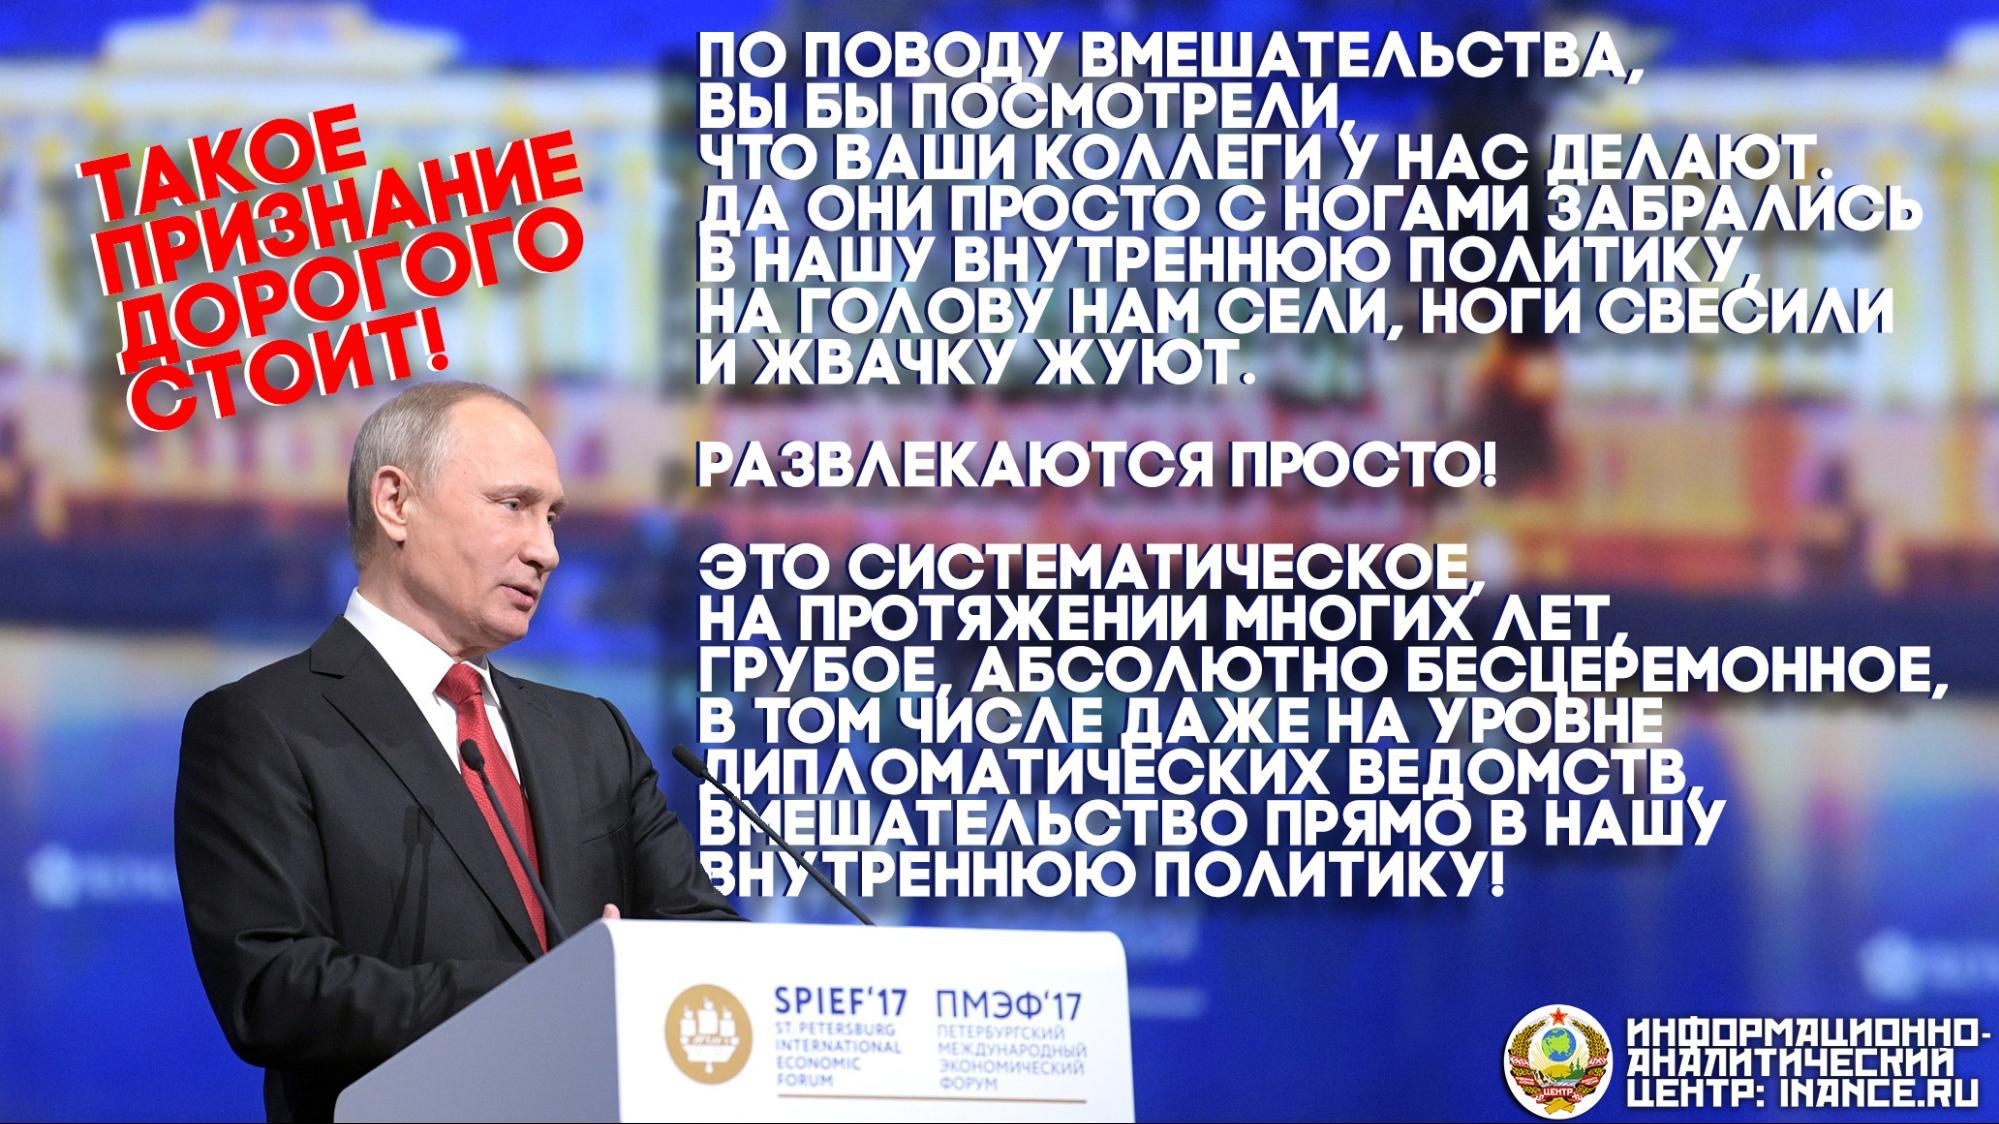 В.Путин на ПМЭФ 2017 о вмешательстве Запада (во главе со США) во внутреннюю политику России